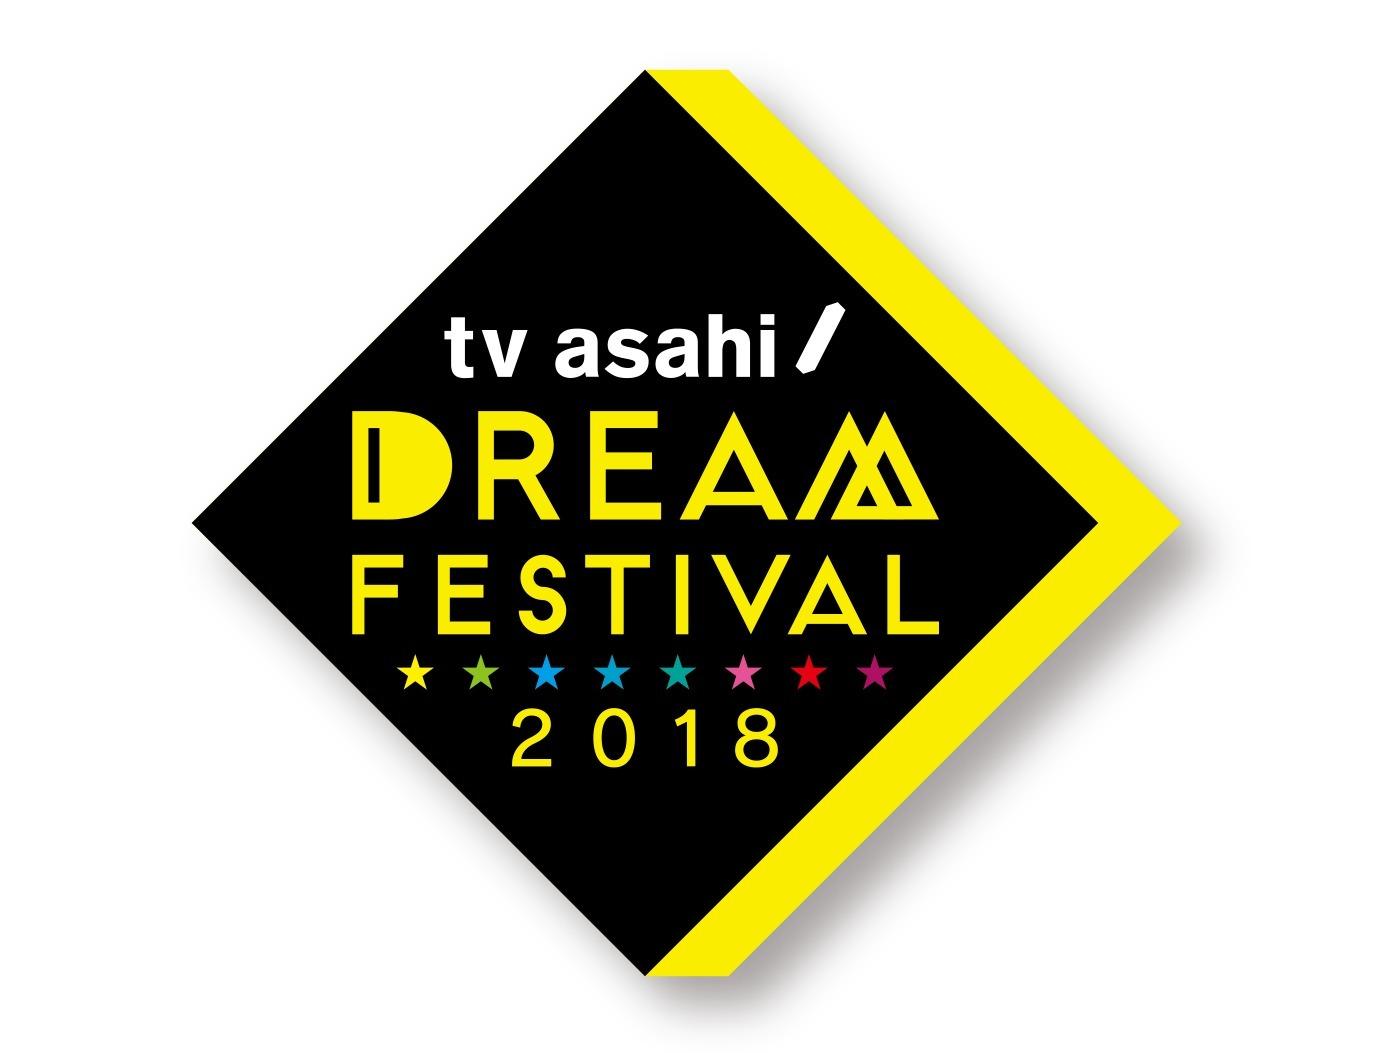 テレビ朝日ドリームフェスティバル2018